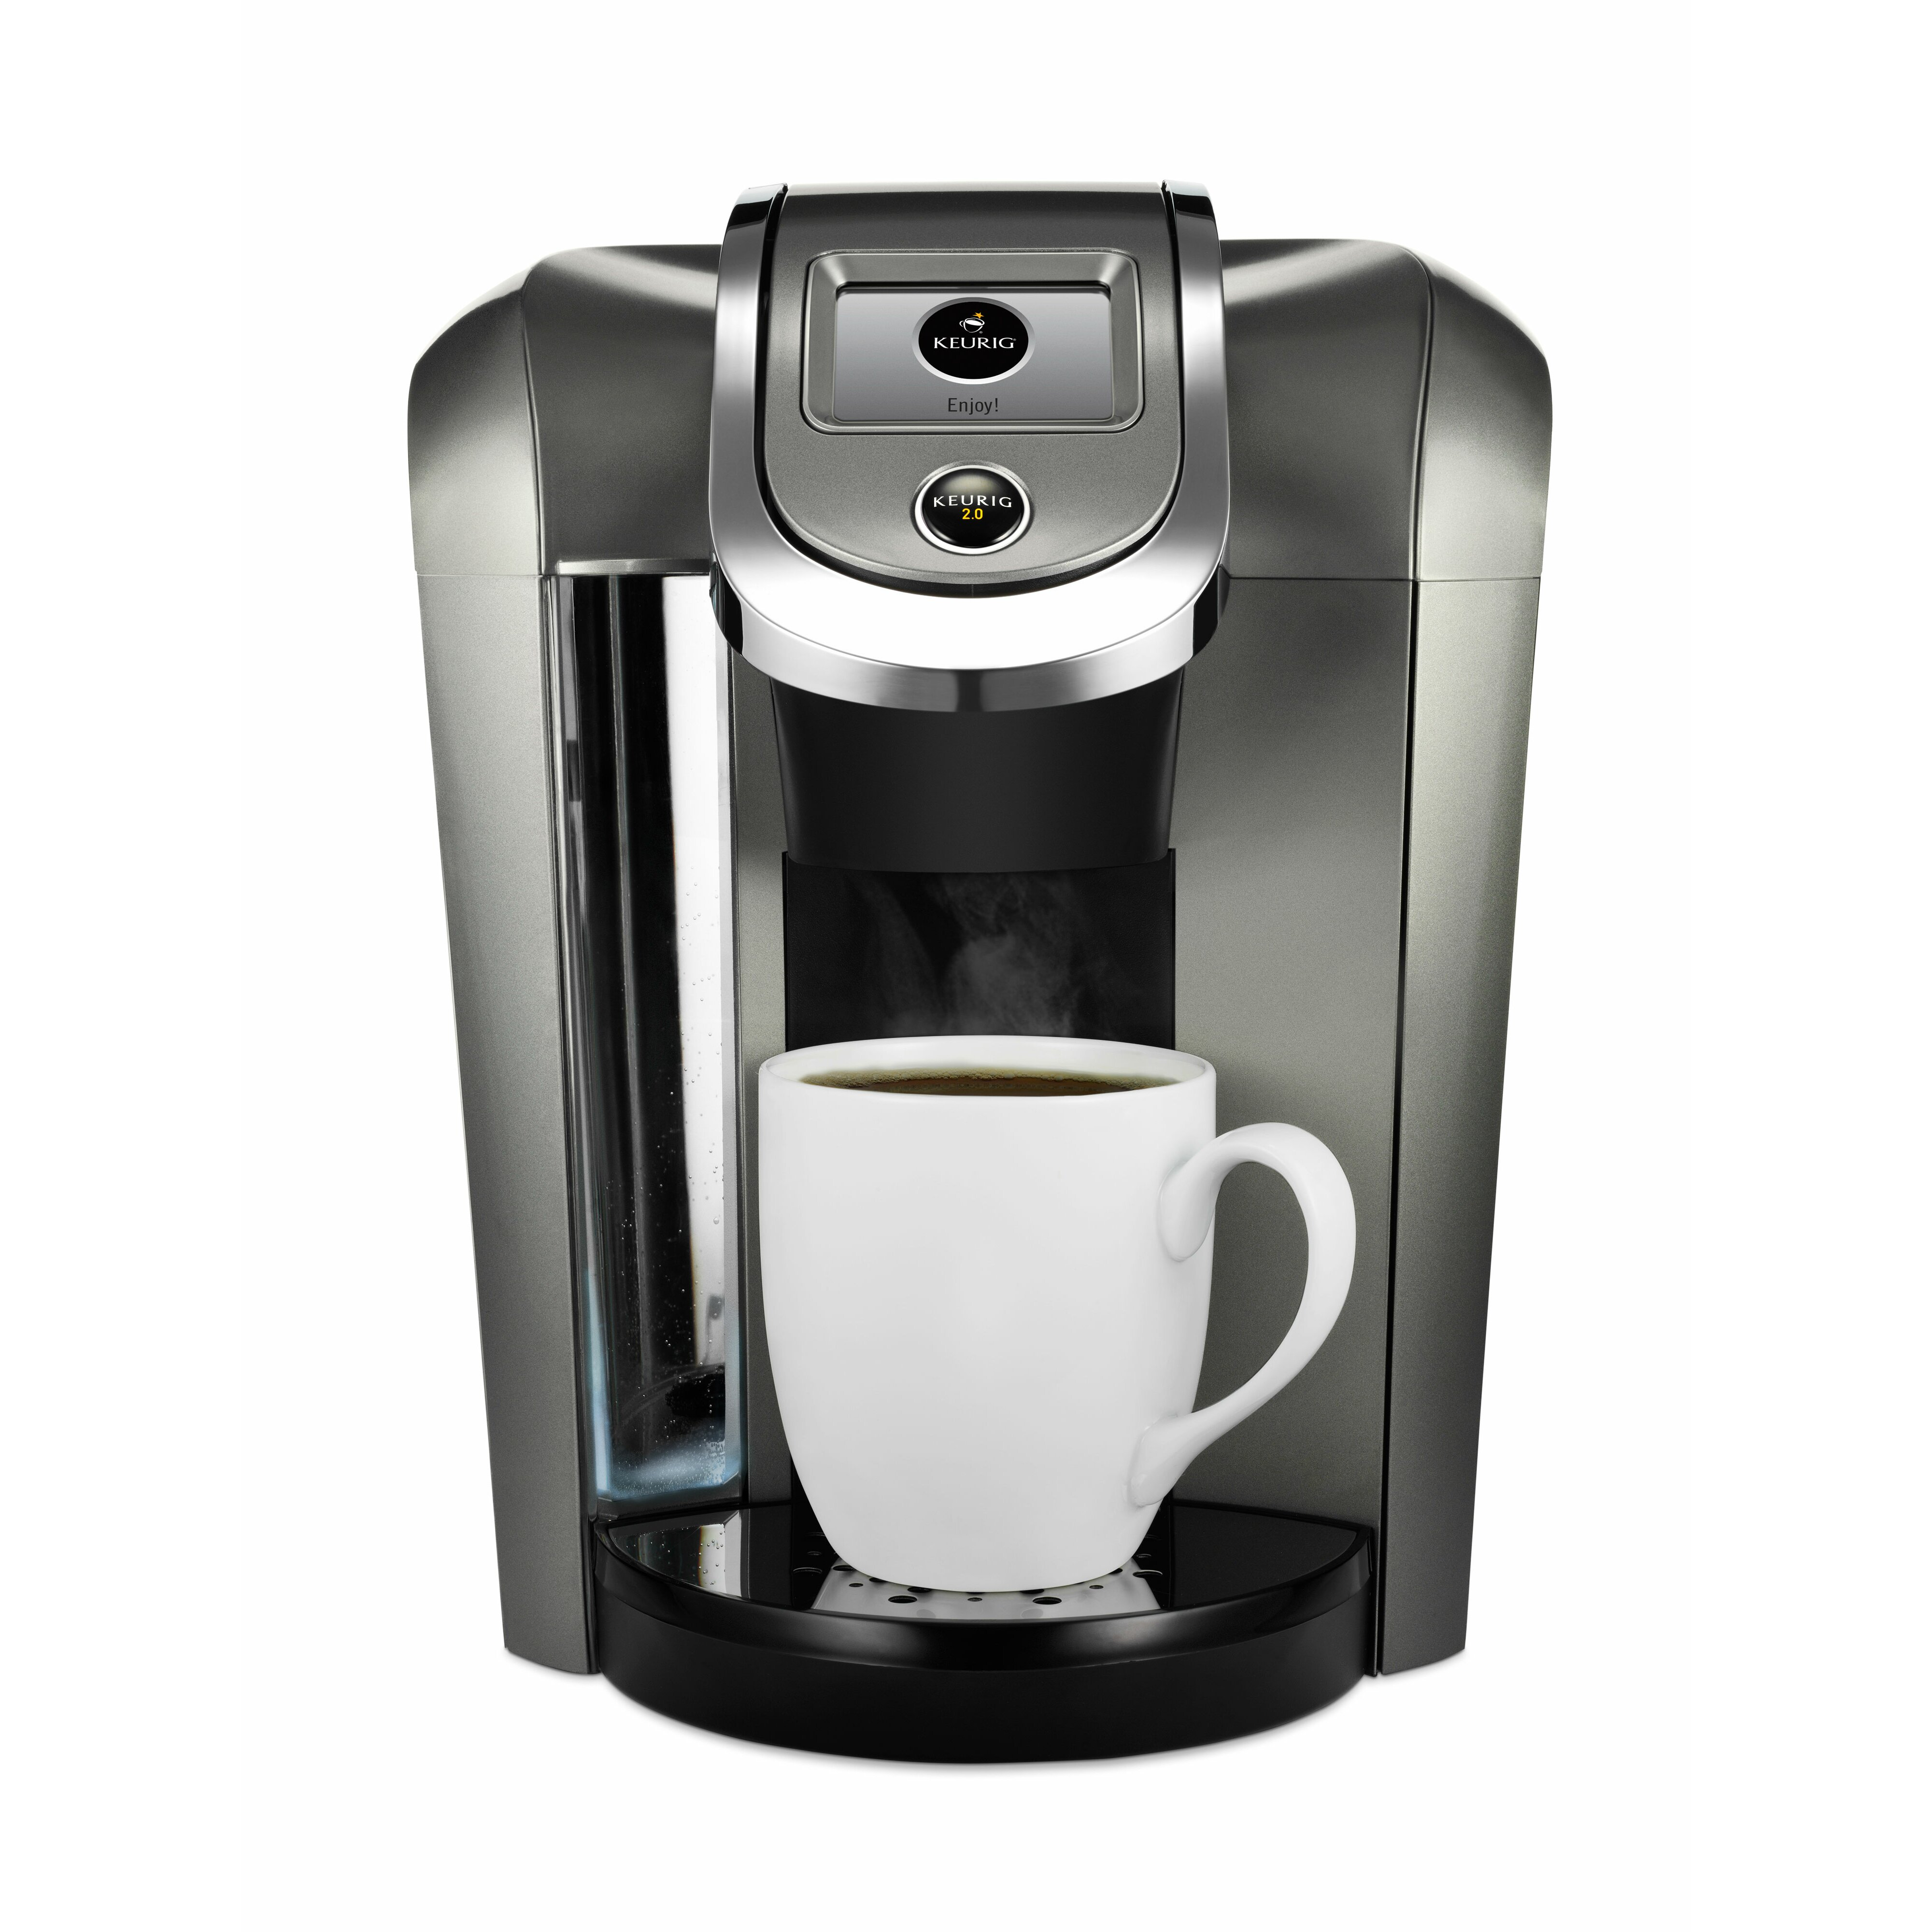 Keurig coffee maker k70 manual